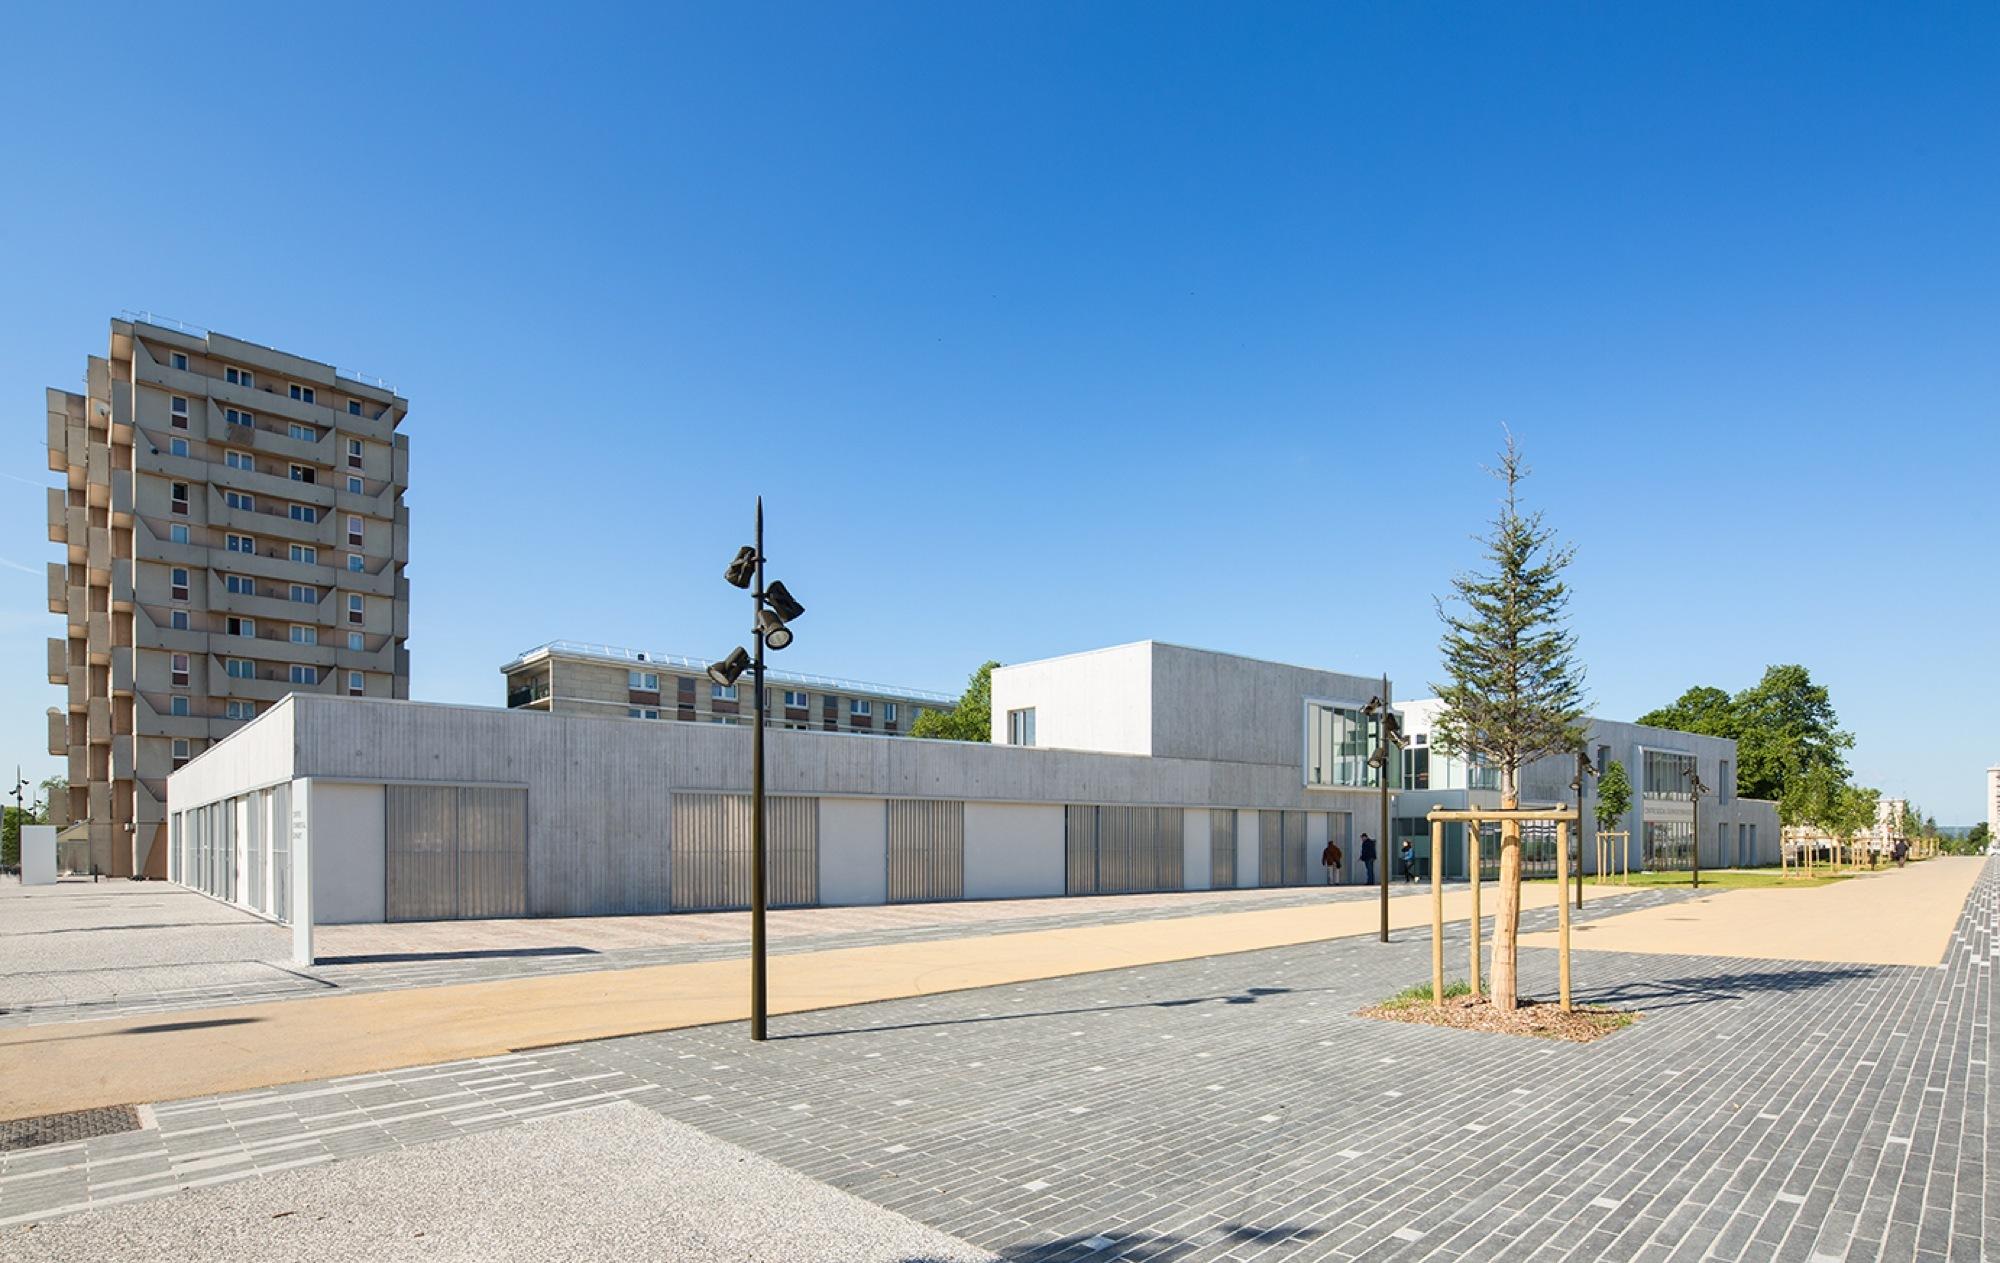 Galeria De Reforma Do Centro Social Em Creil Nomade